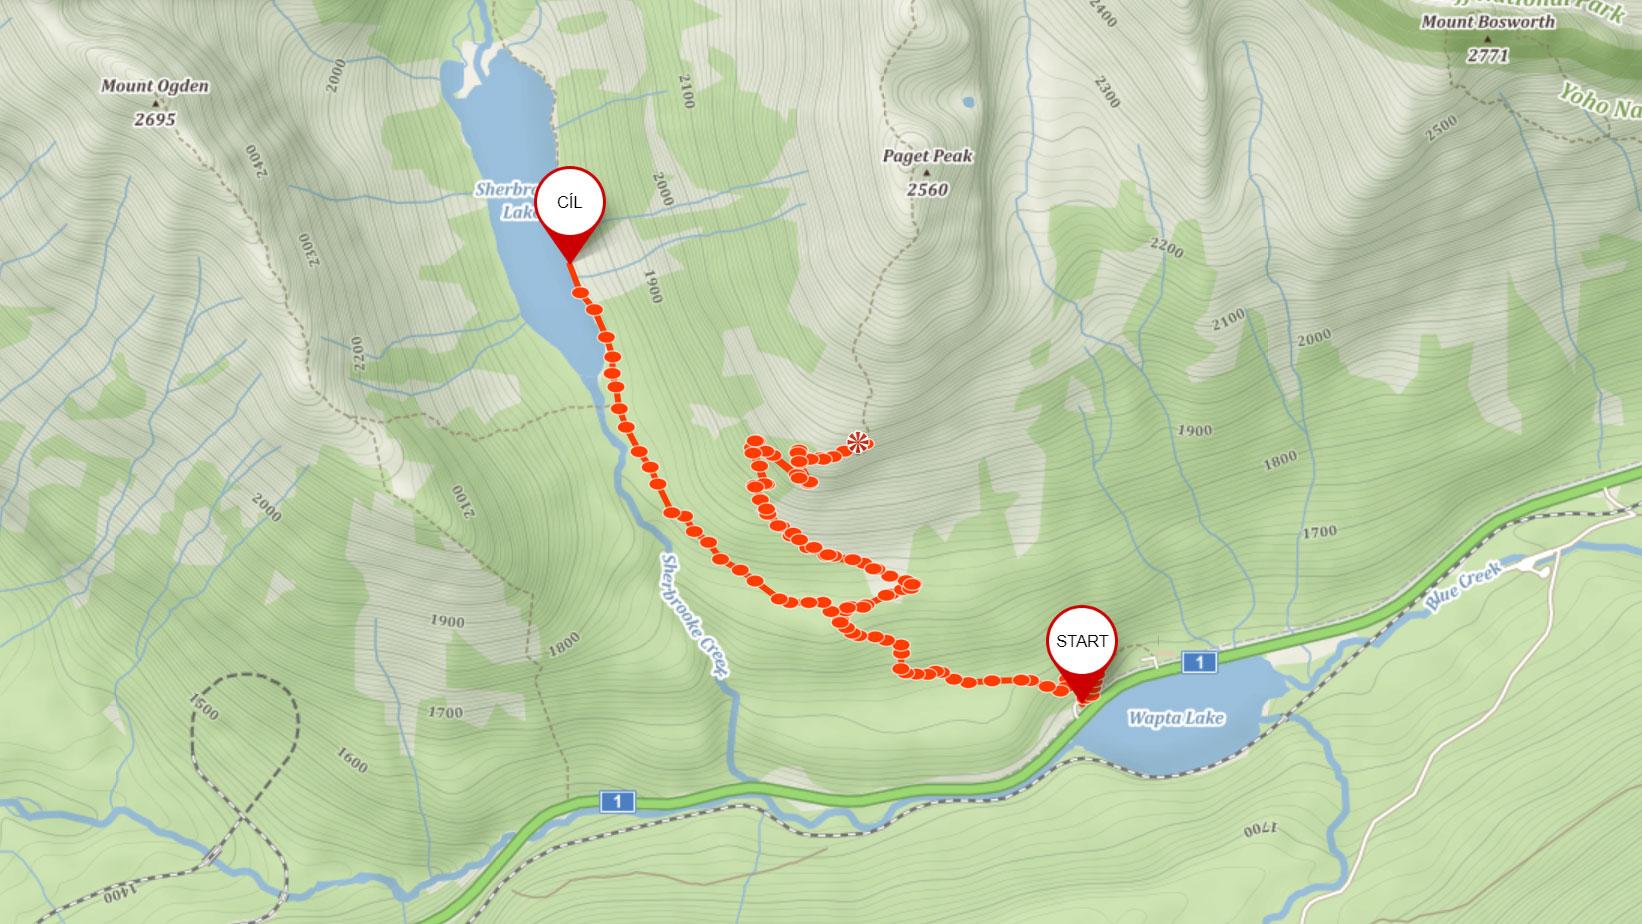 Popisovaná trasa na Paget Lookout a k Sherbrooke Lake